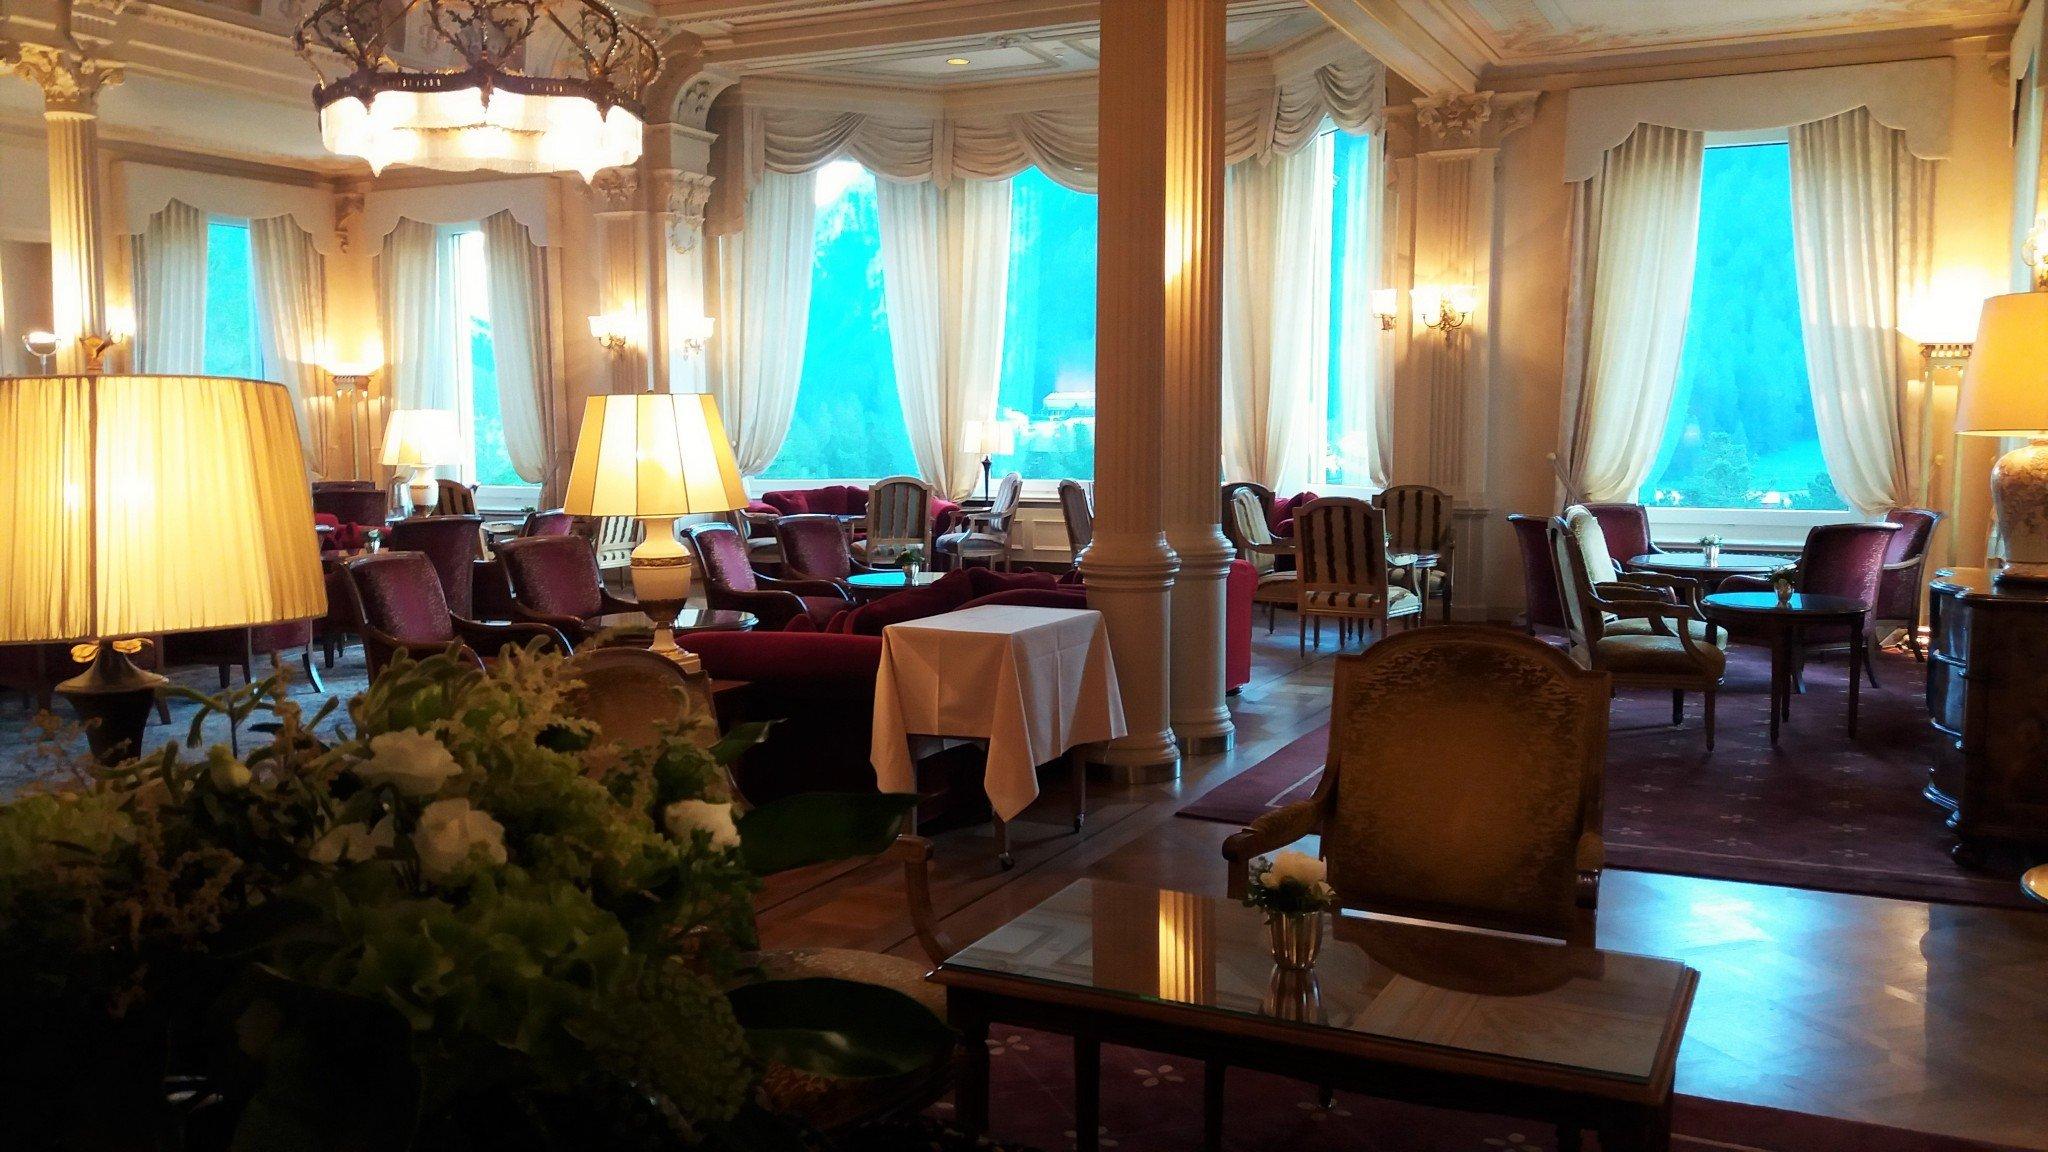 Grand Hotel Kronenhof Lobby 2